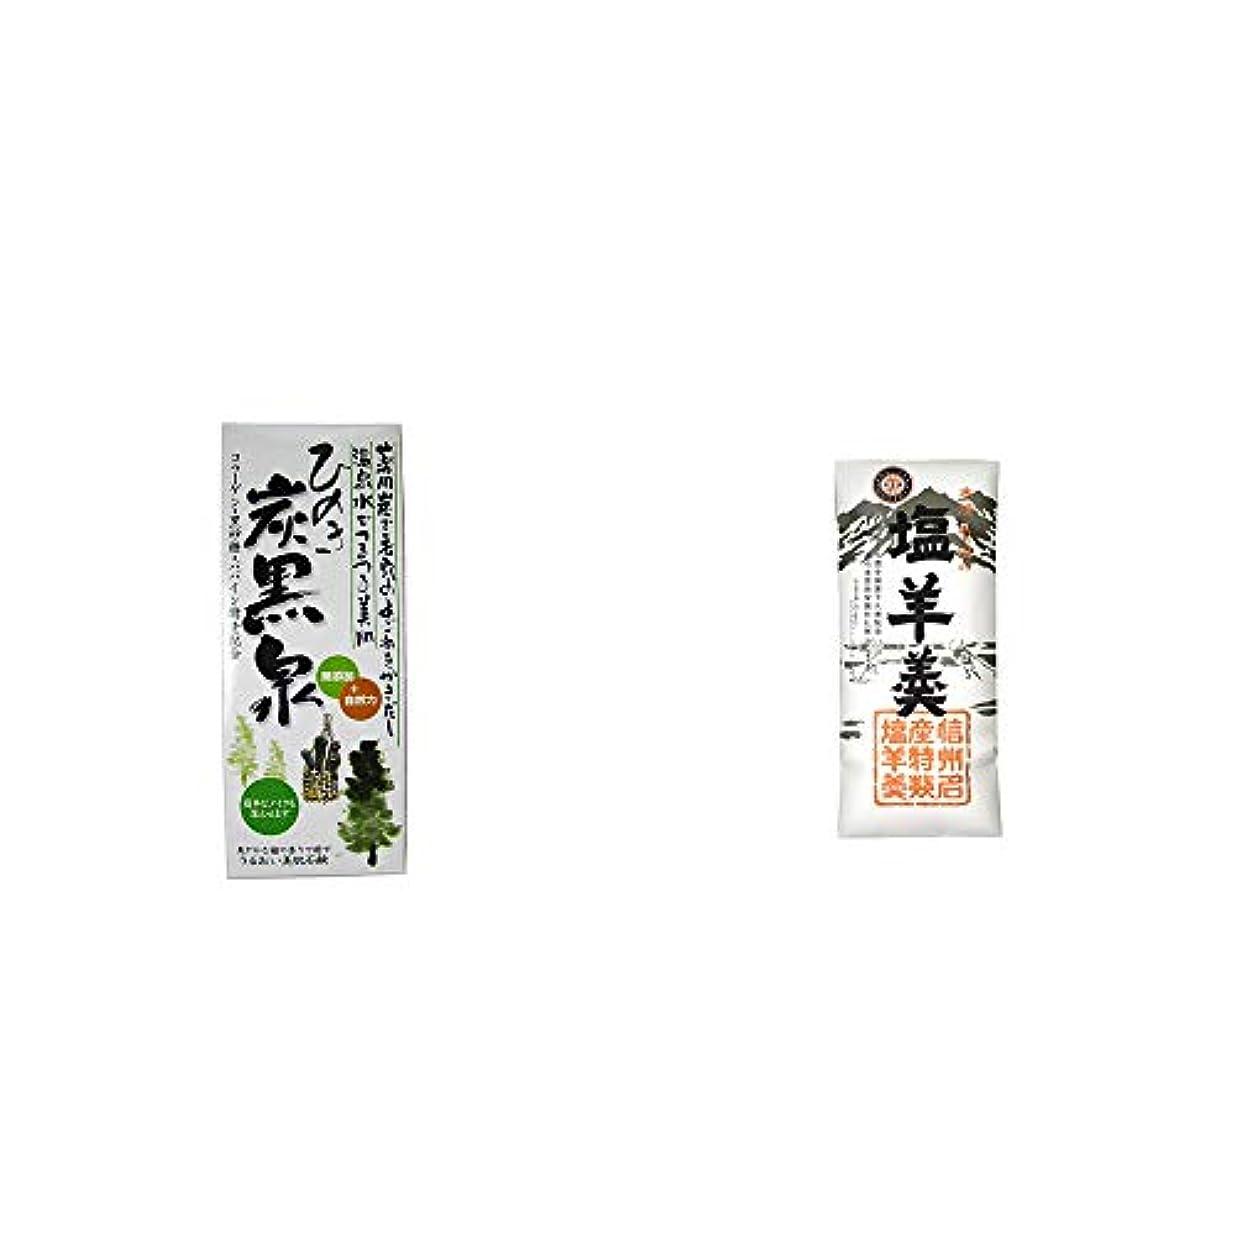 名目上のハンディキャップ男性[2点セット] ひのき炭黒泉 箱入り(75g×3)?栗田の塩羊羹(160g)